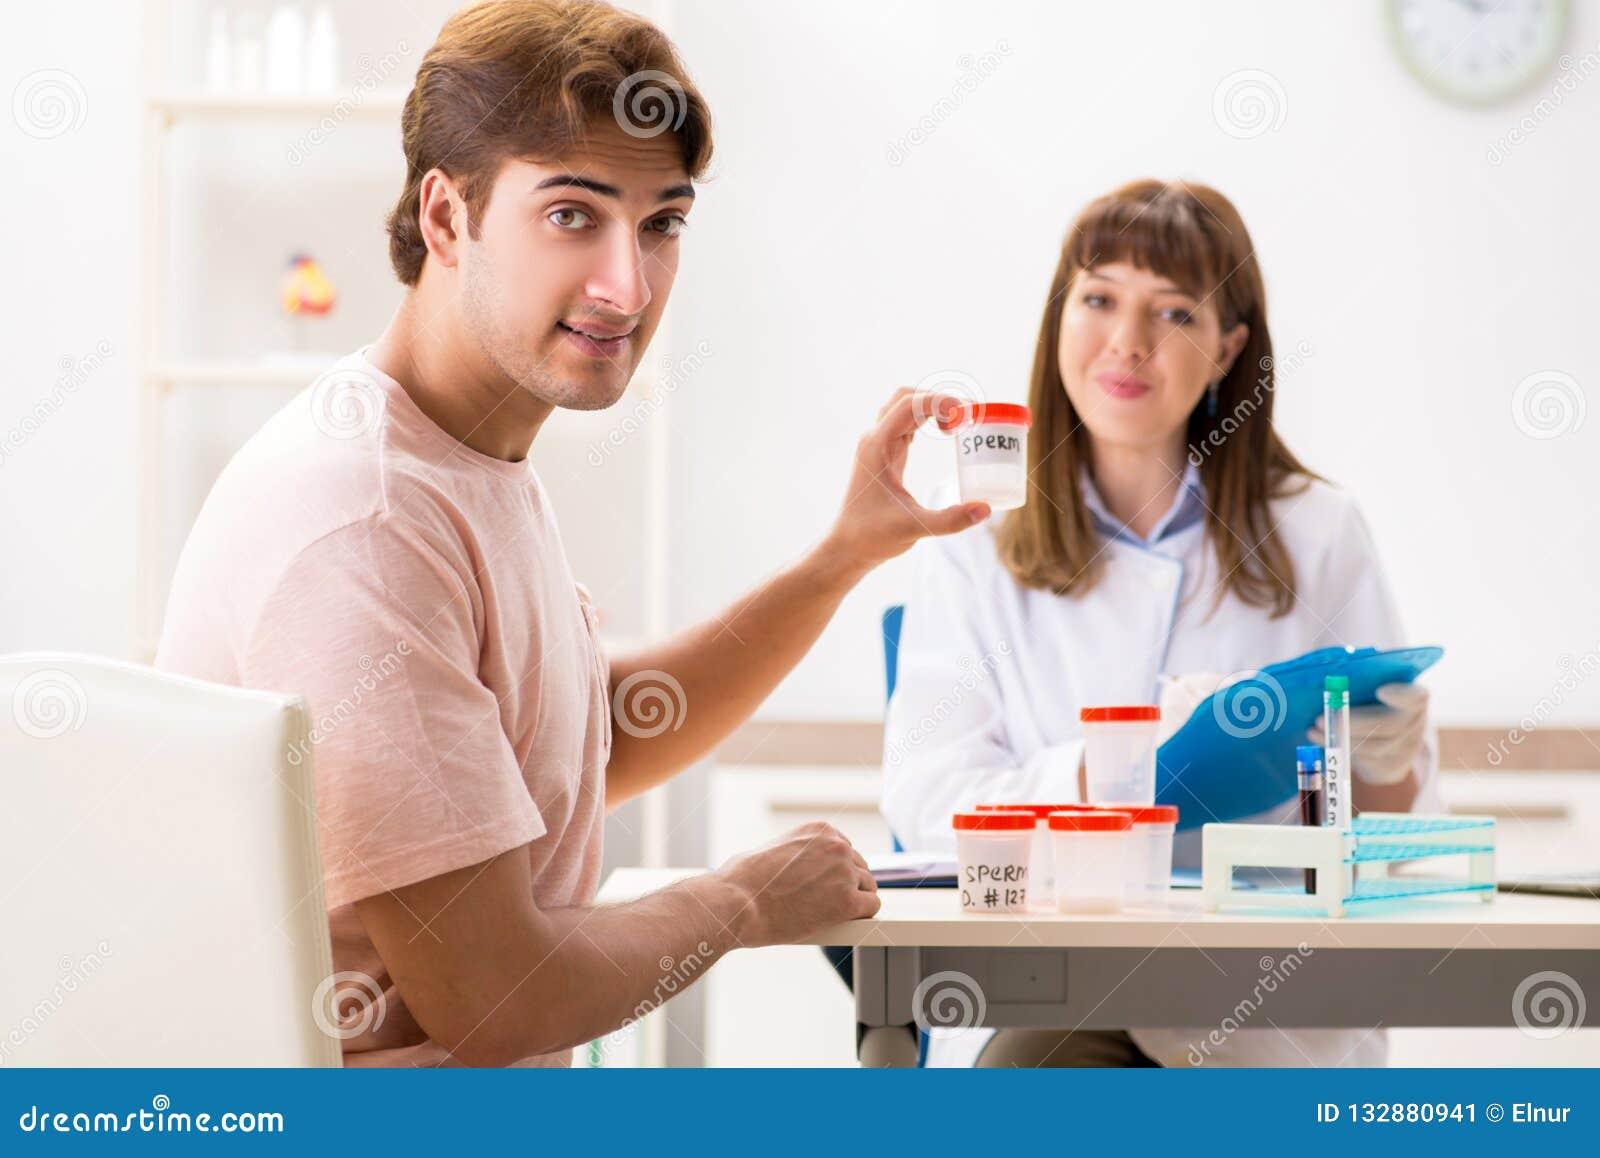 Opinion sperm donation nurse what excellent